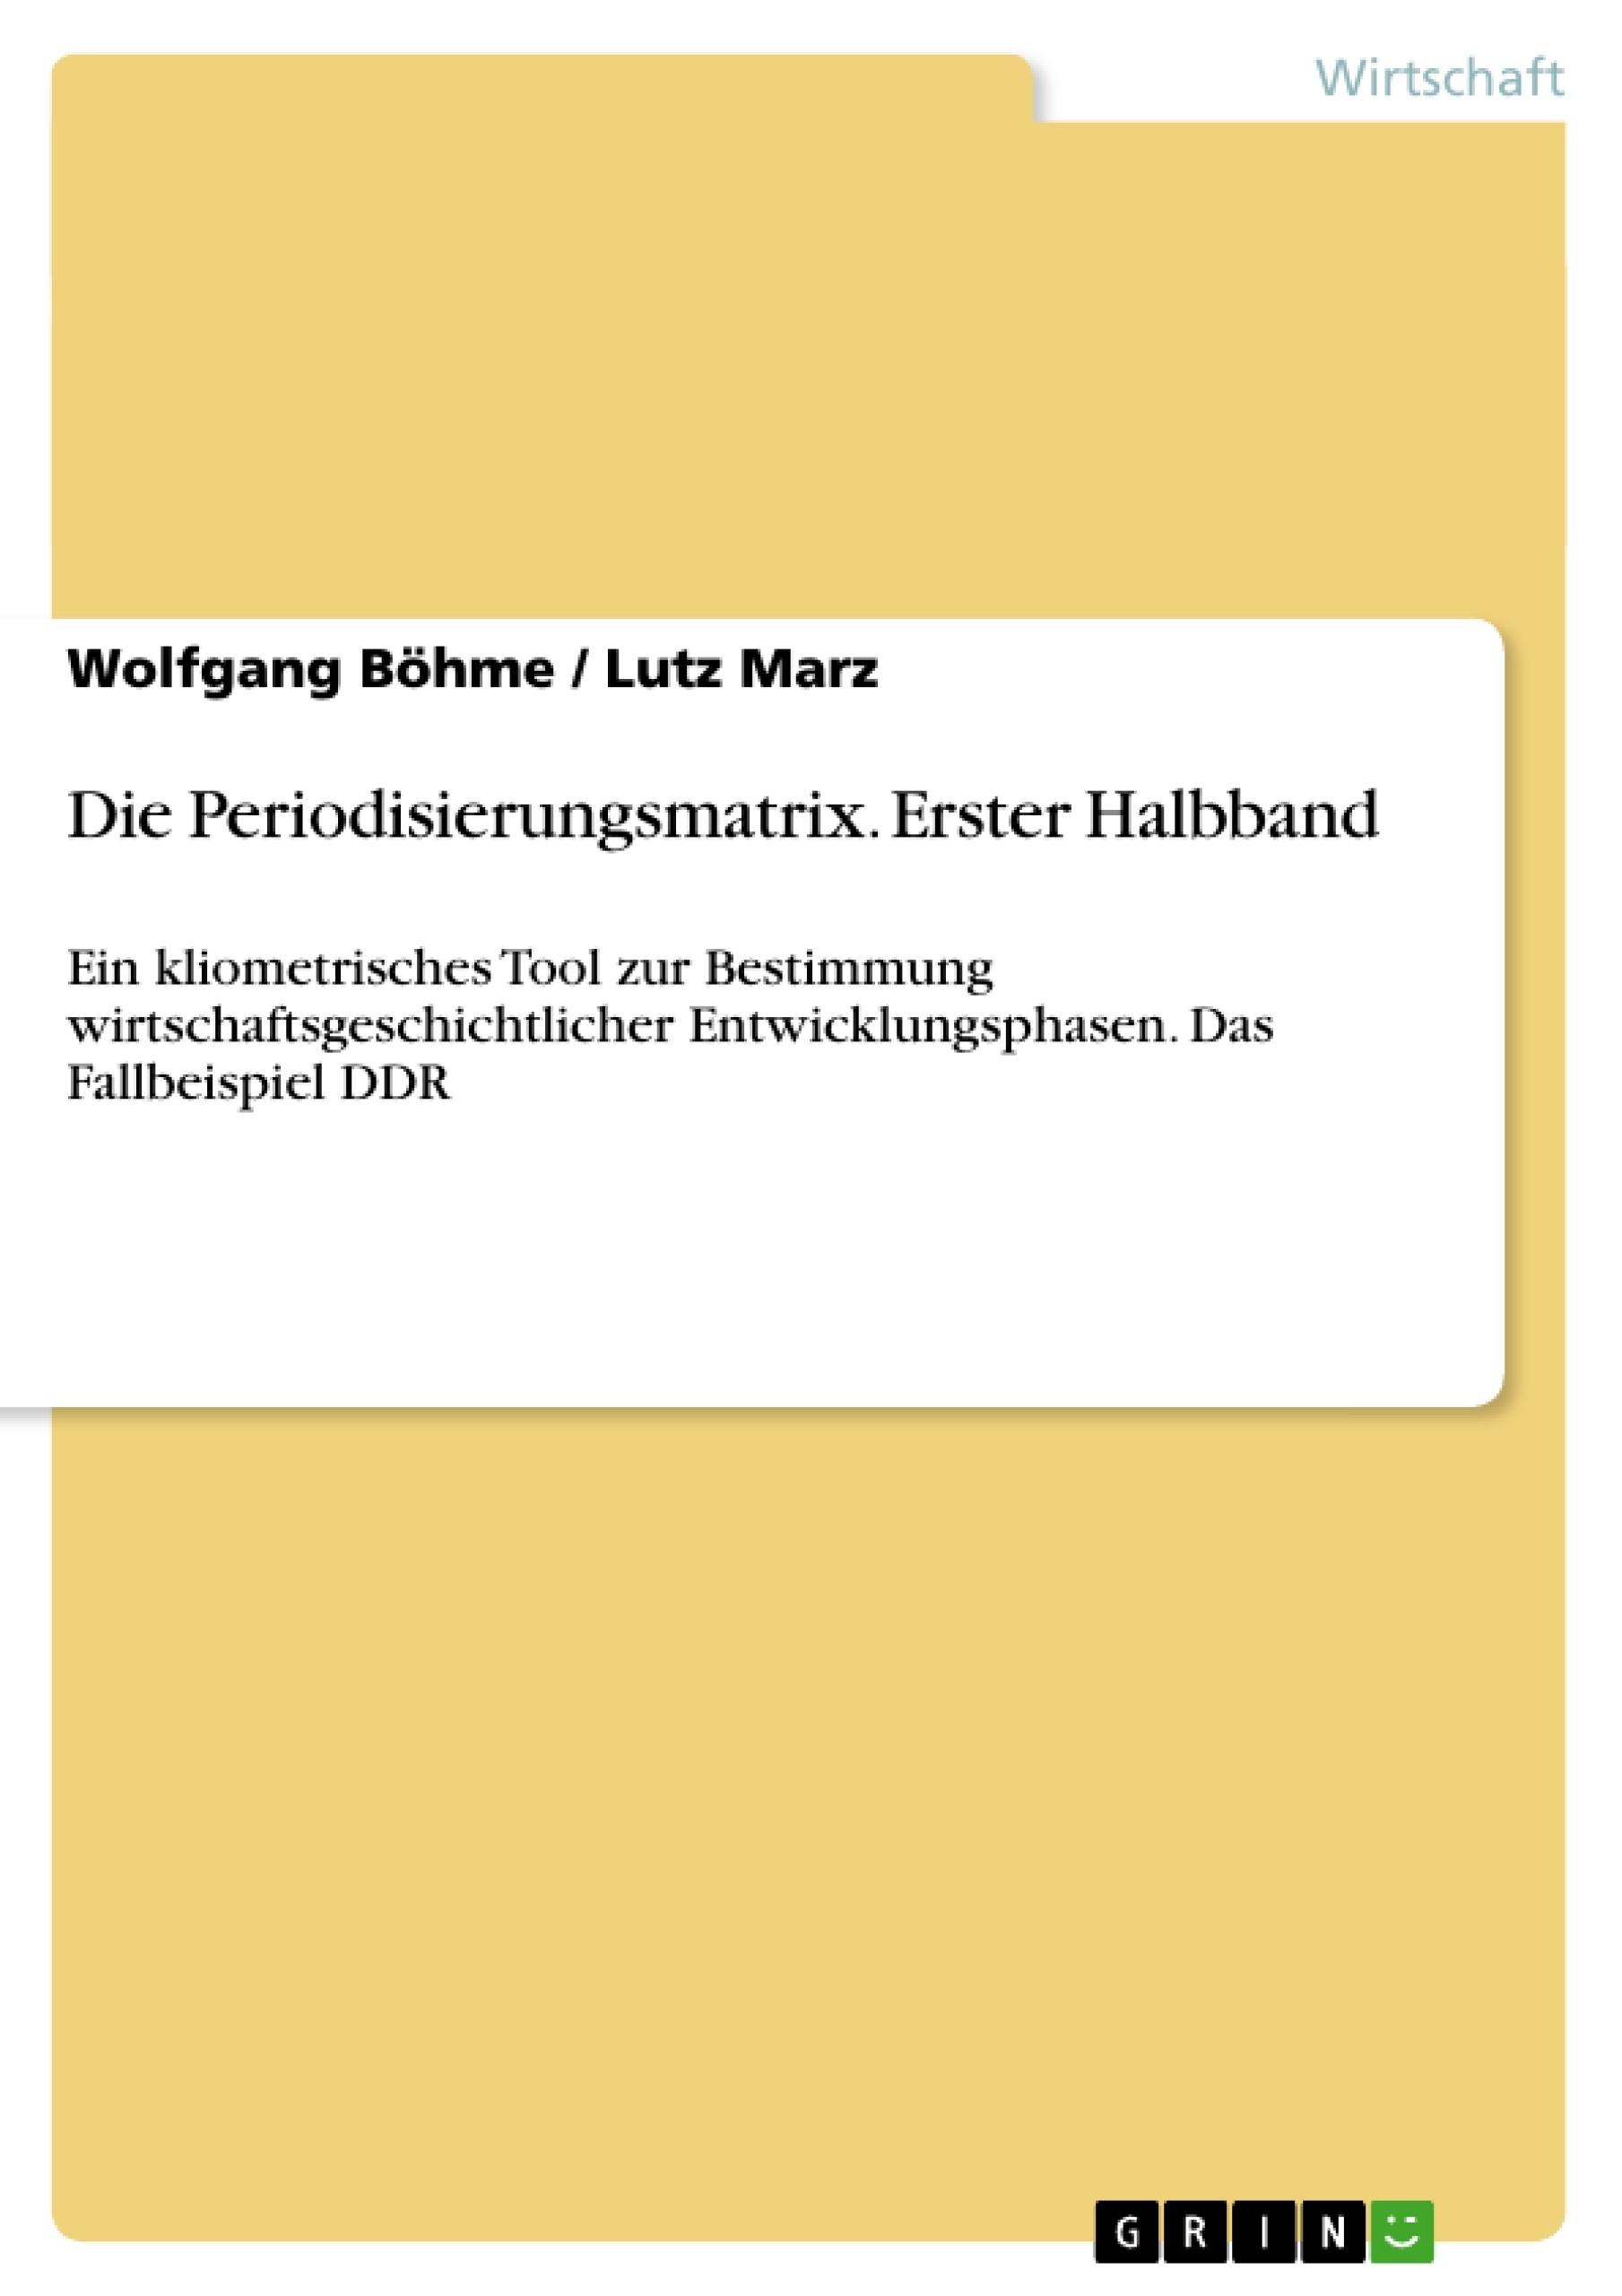 Titel: Die Periodisierungsmatrix. Erster Halbband